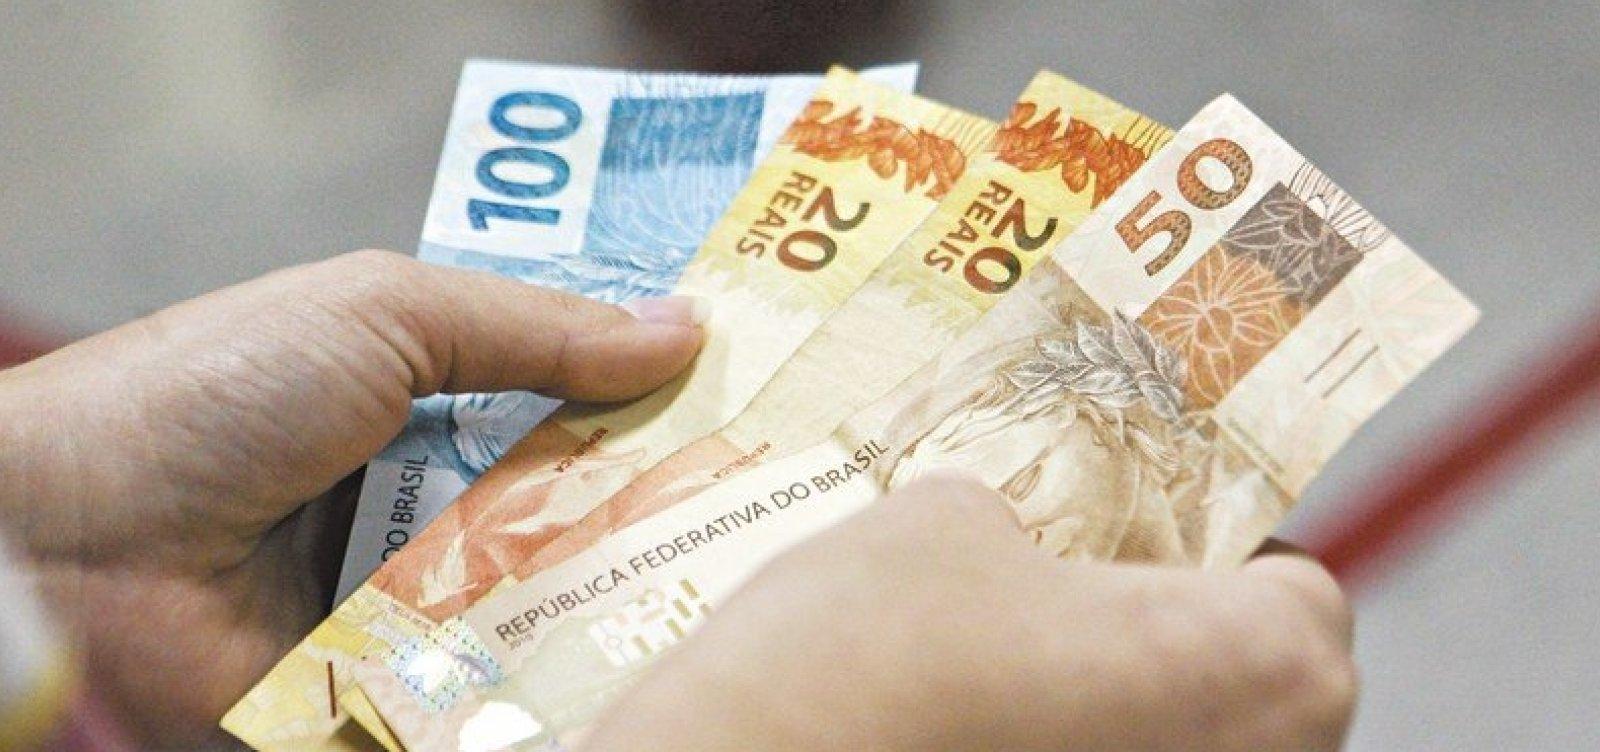 [Governo pode arrecadar R$ 60 bi se tributar lucros e dividendos]